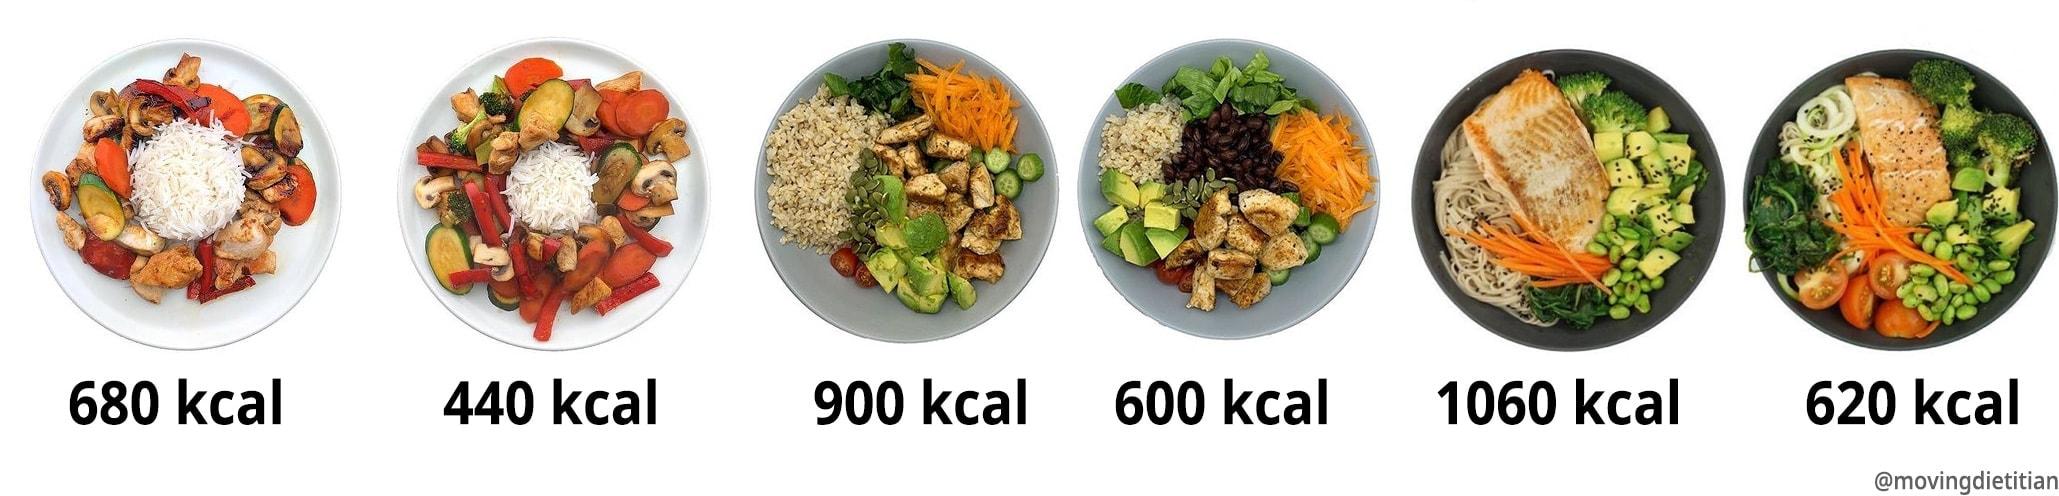 confronto delle calorie nei pasti